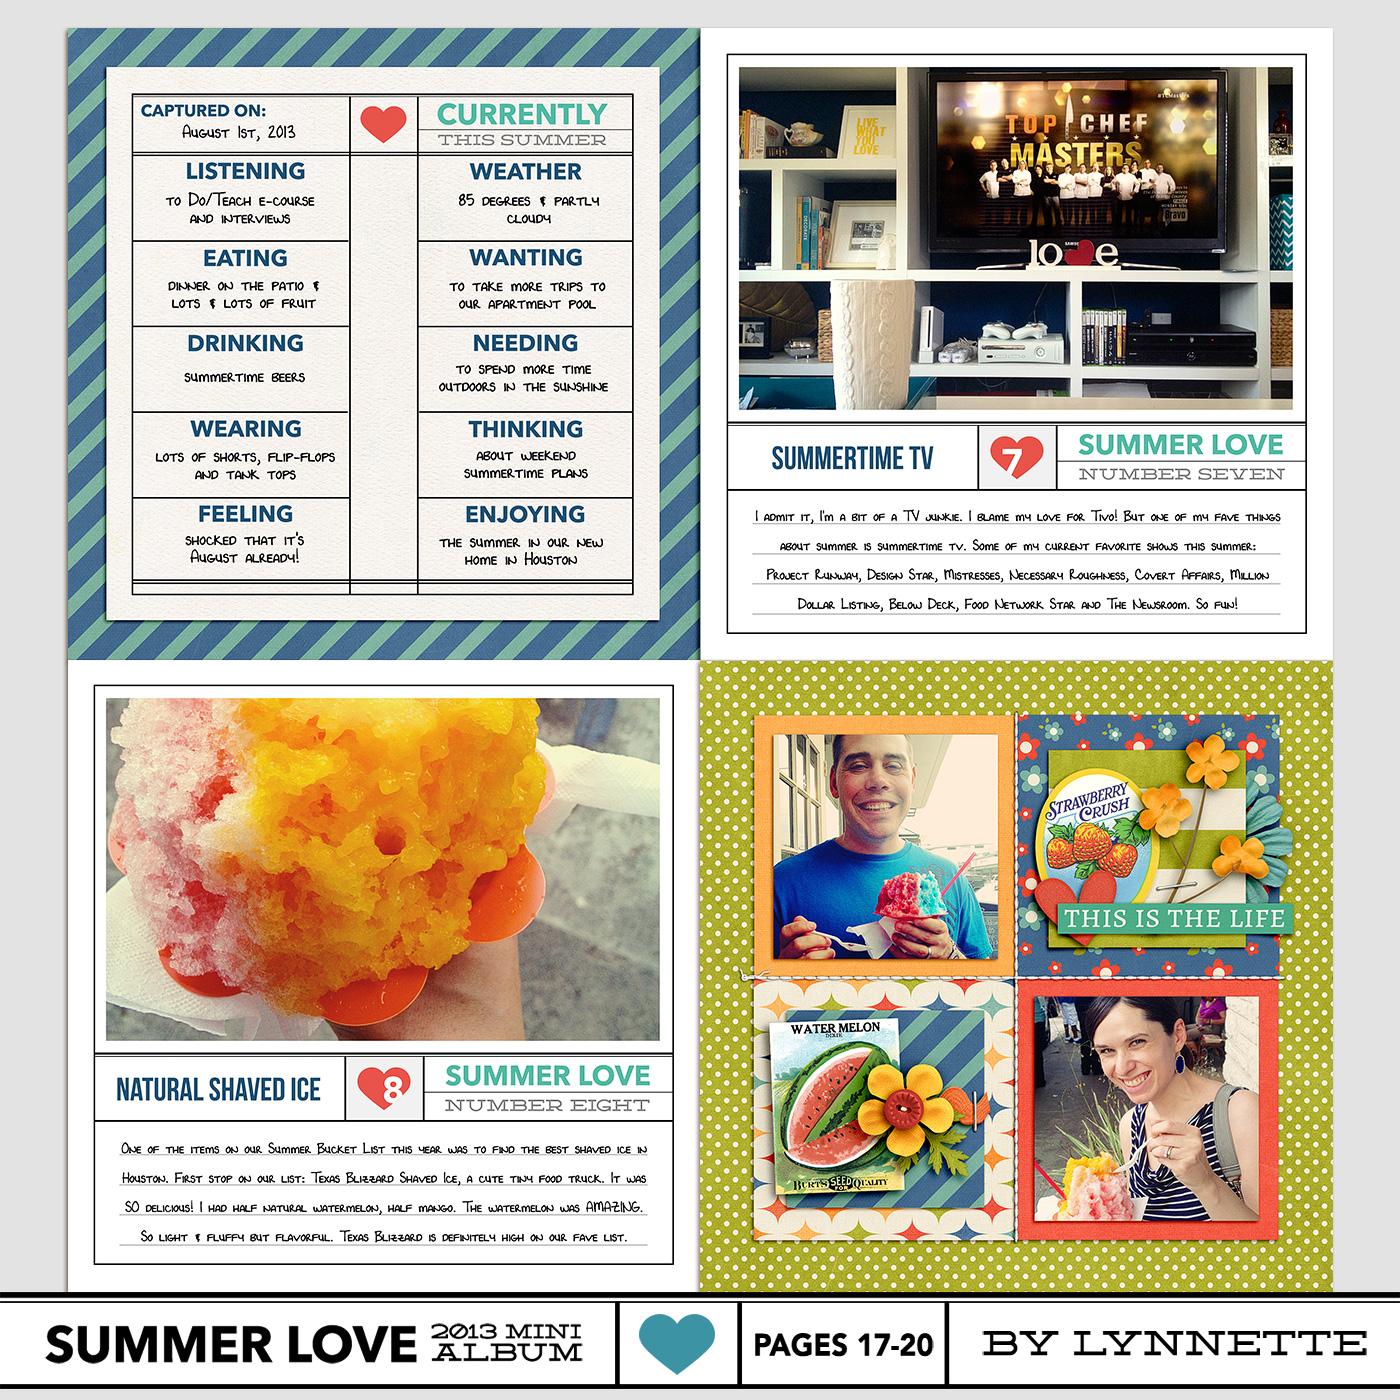 nettiodesigns_SummerLove-pg17-20-Lynnette-1400